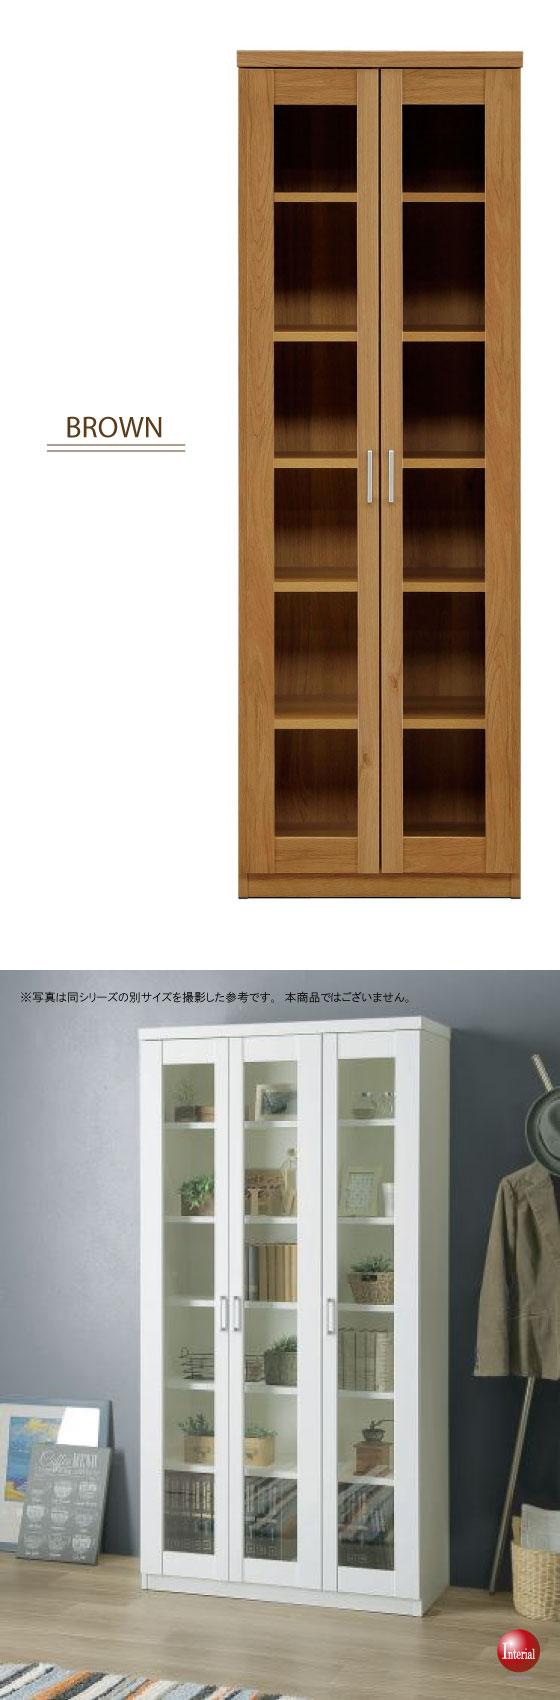 幅60cm×高さ180cm・UVカットガラス製ブックシェルフ(日本製・完成品)開梱設置サービス付き